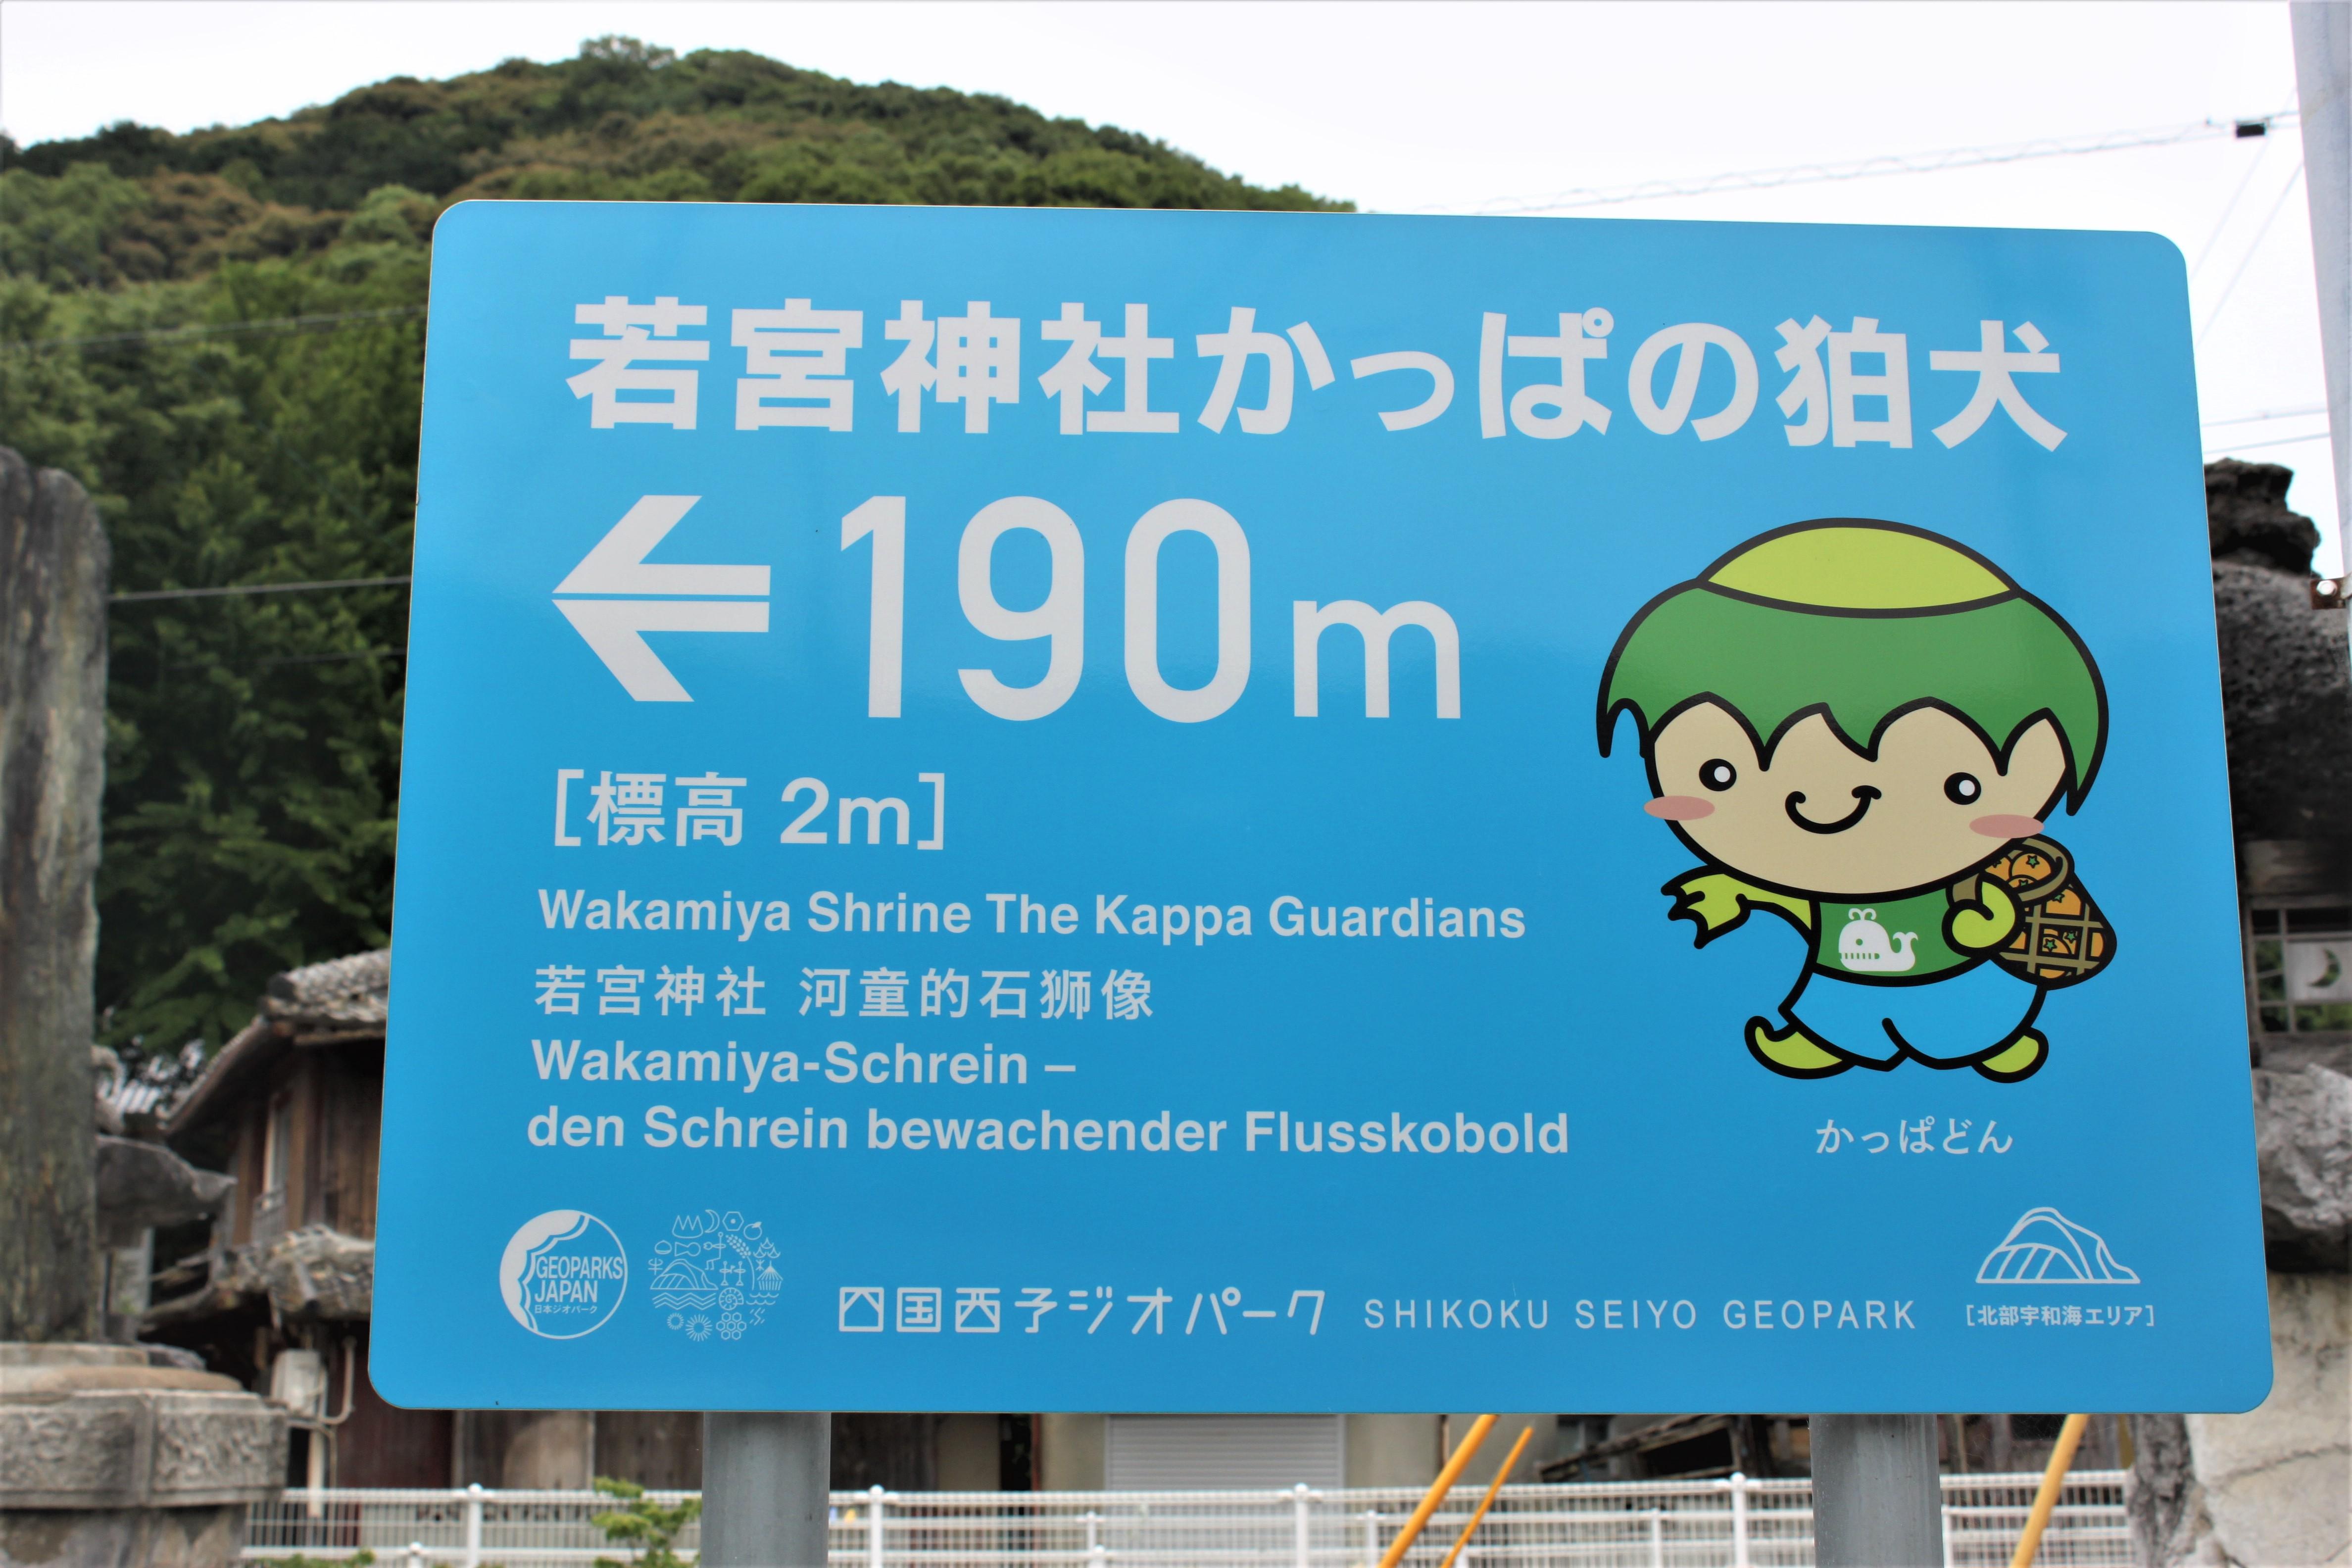 国道378号線 賀茂神社の常夜灯から数カ案内の看板があります